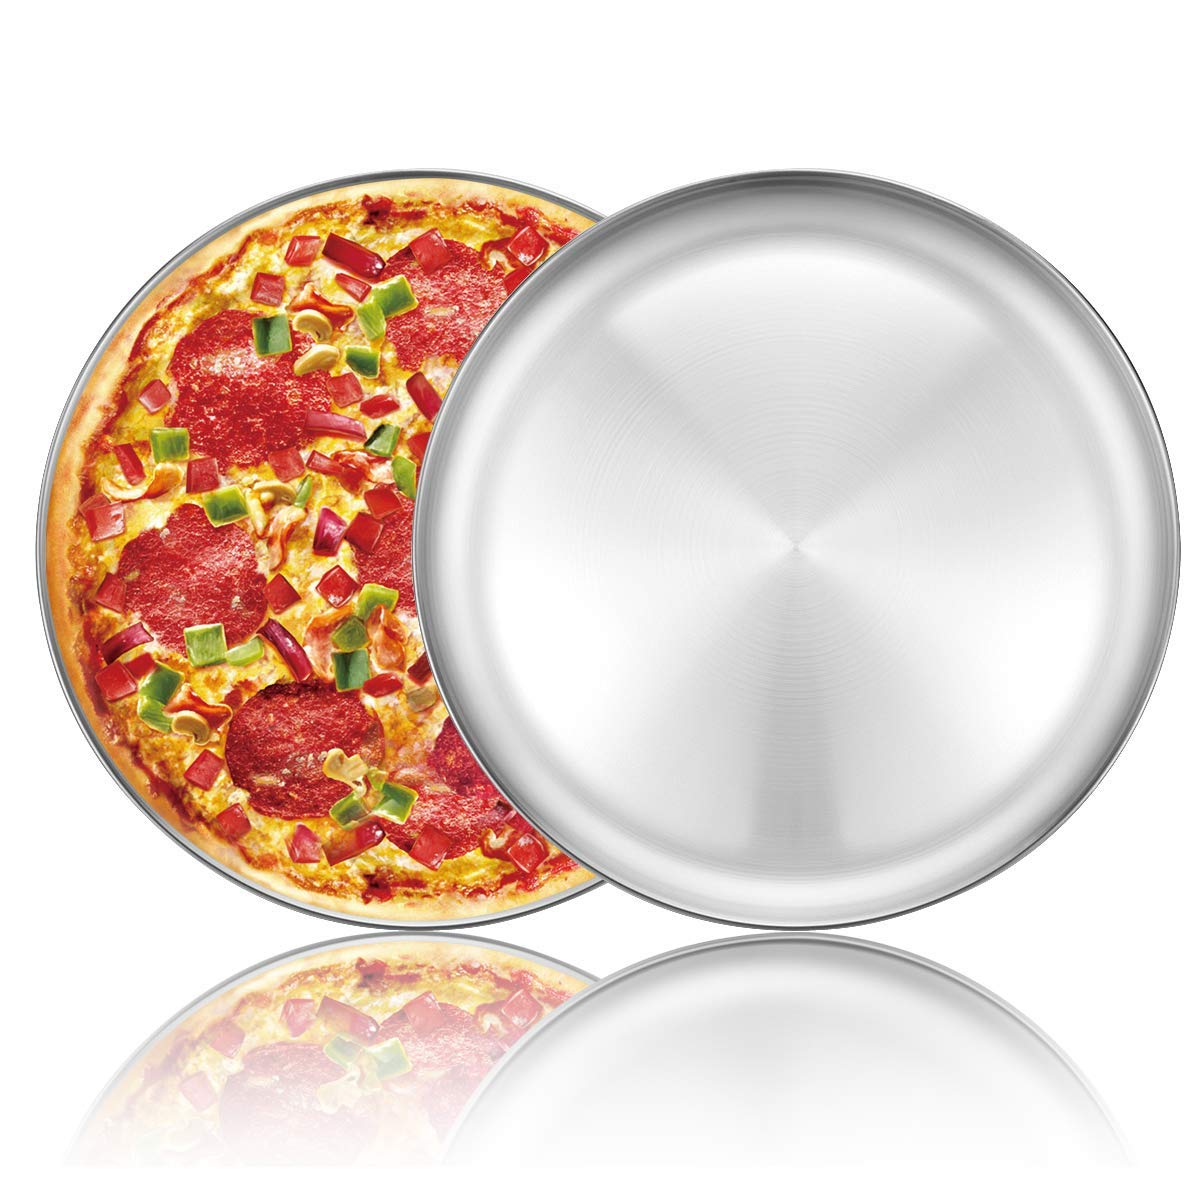 non tossica e sana 30,5 cm Teglia da forno per pizza in acciaio inox